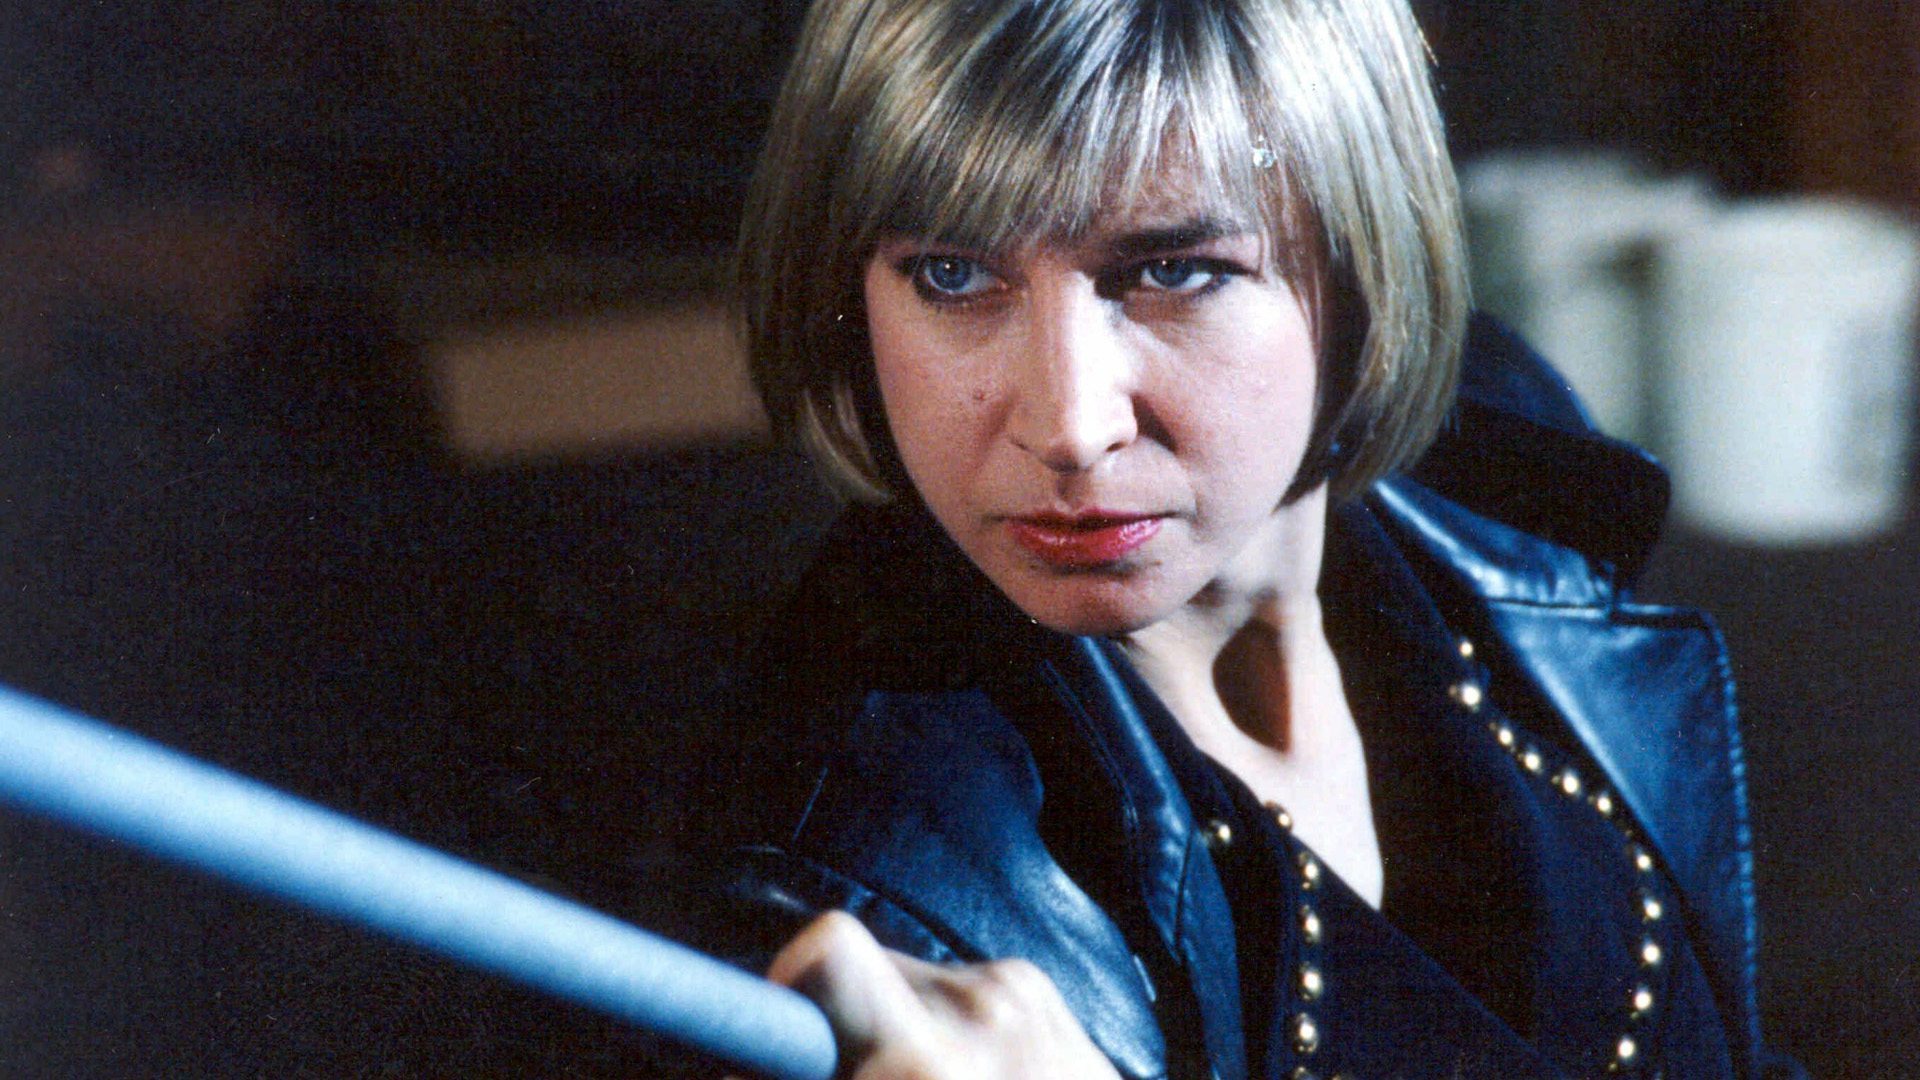 Ő lehetett volna a női Chuck Norris, de még nem állt rá készen a világ